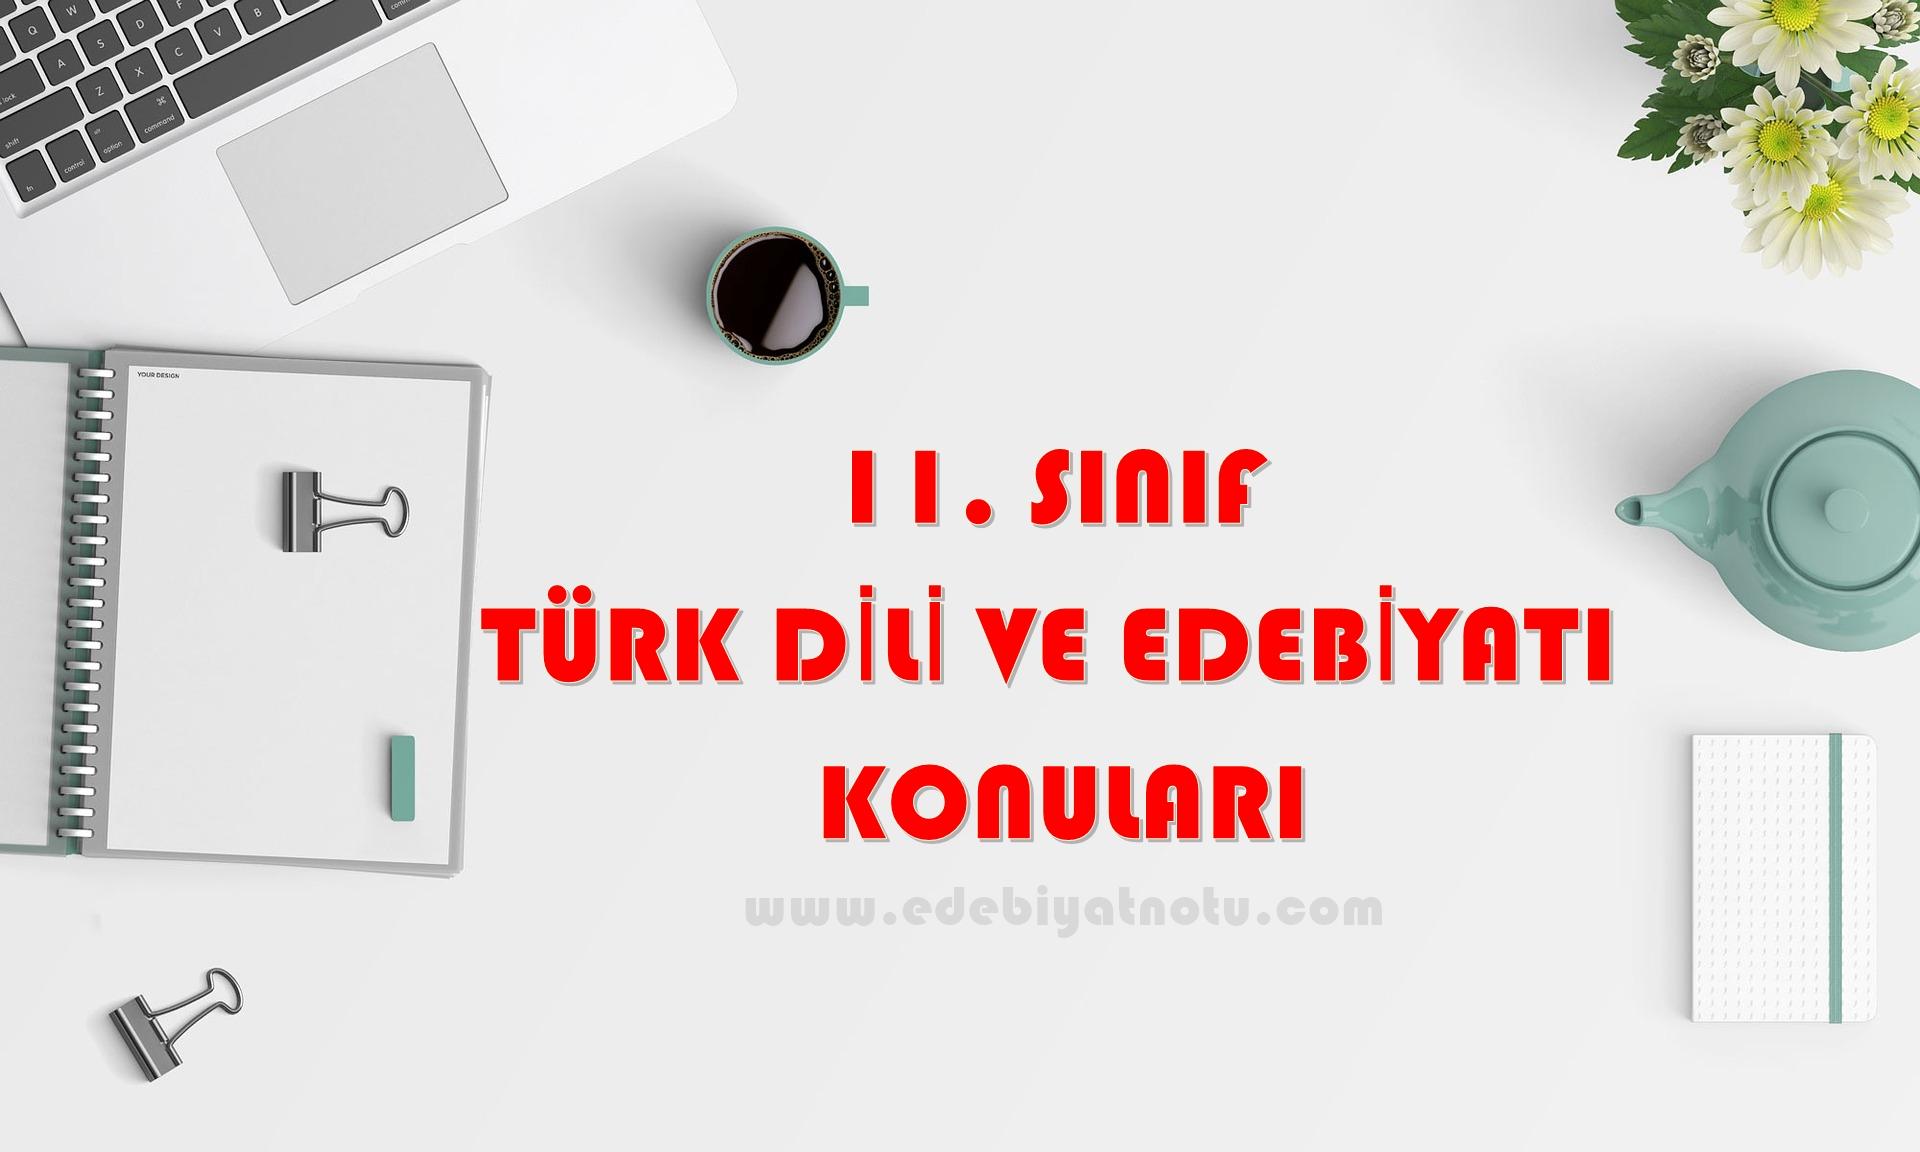 11. Sınıf Türk Dili ve Edebiyatı Konuları